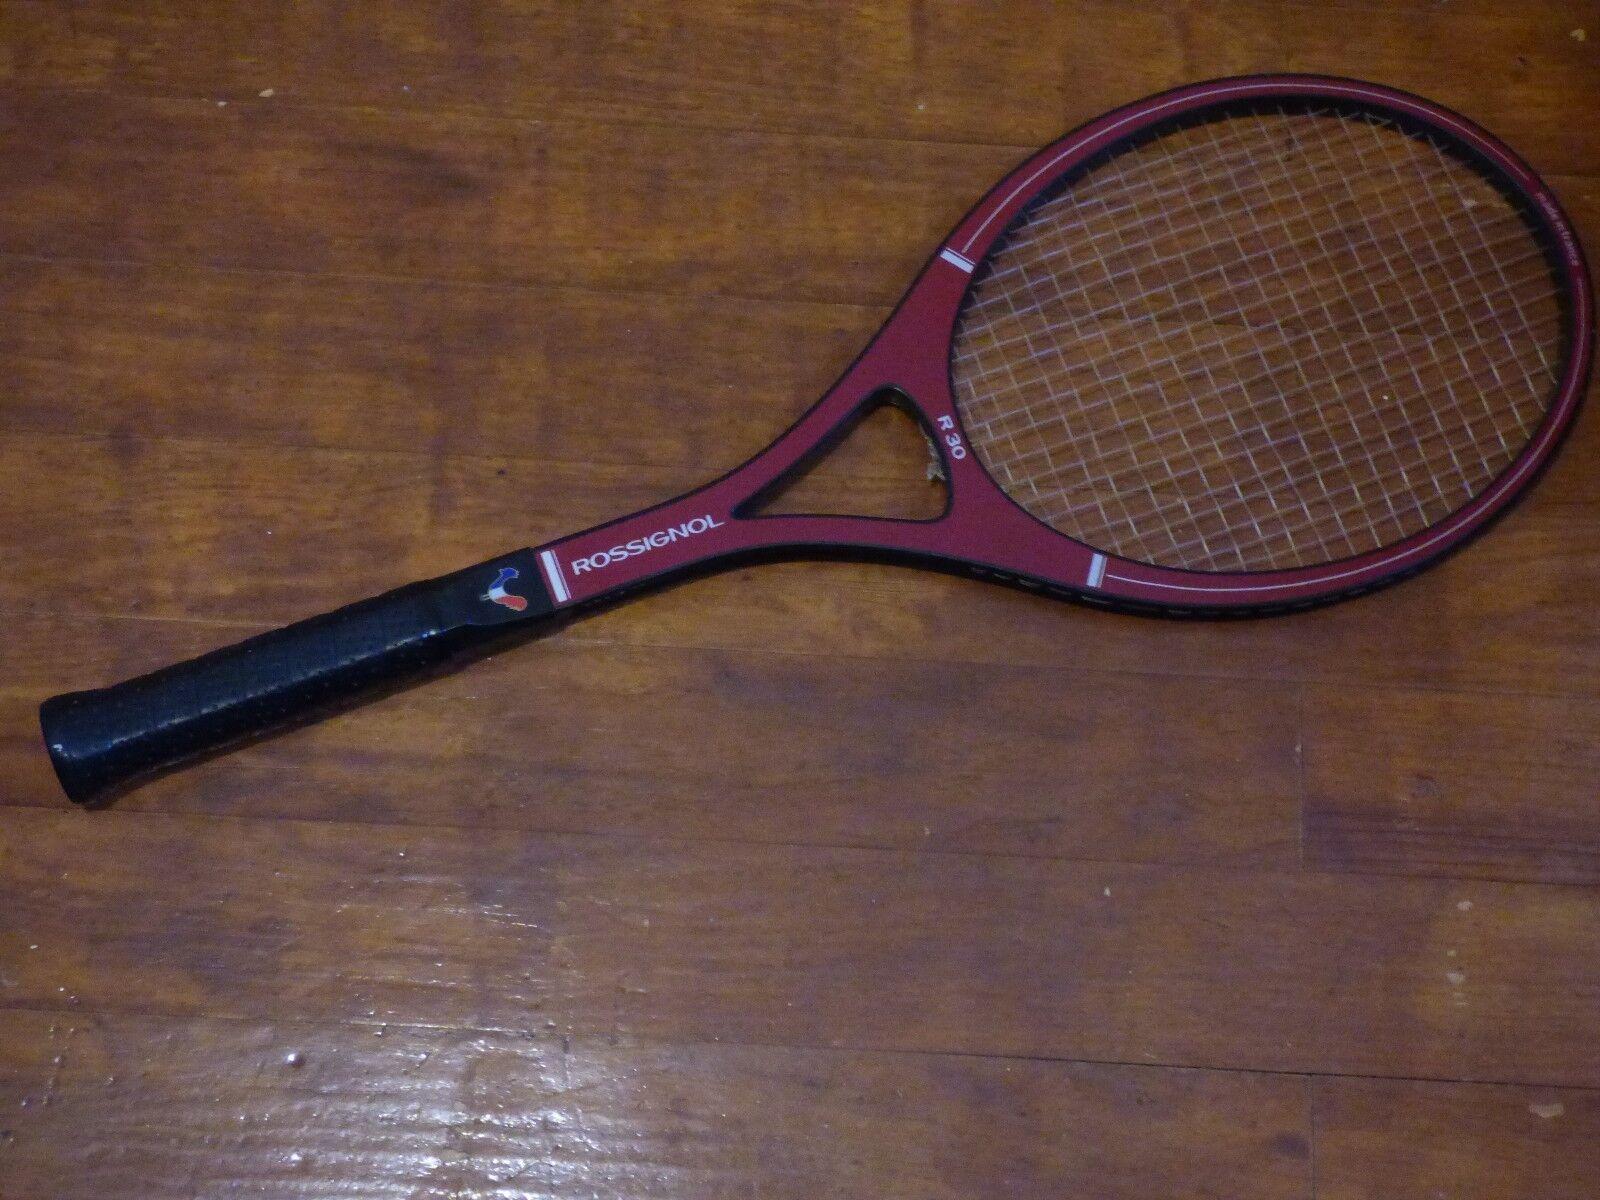 Raqueta de tenis Rossignol R 30 L vintage 4 1 2